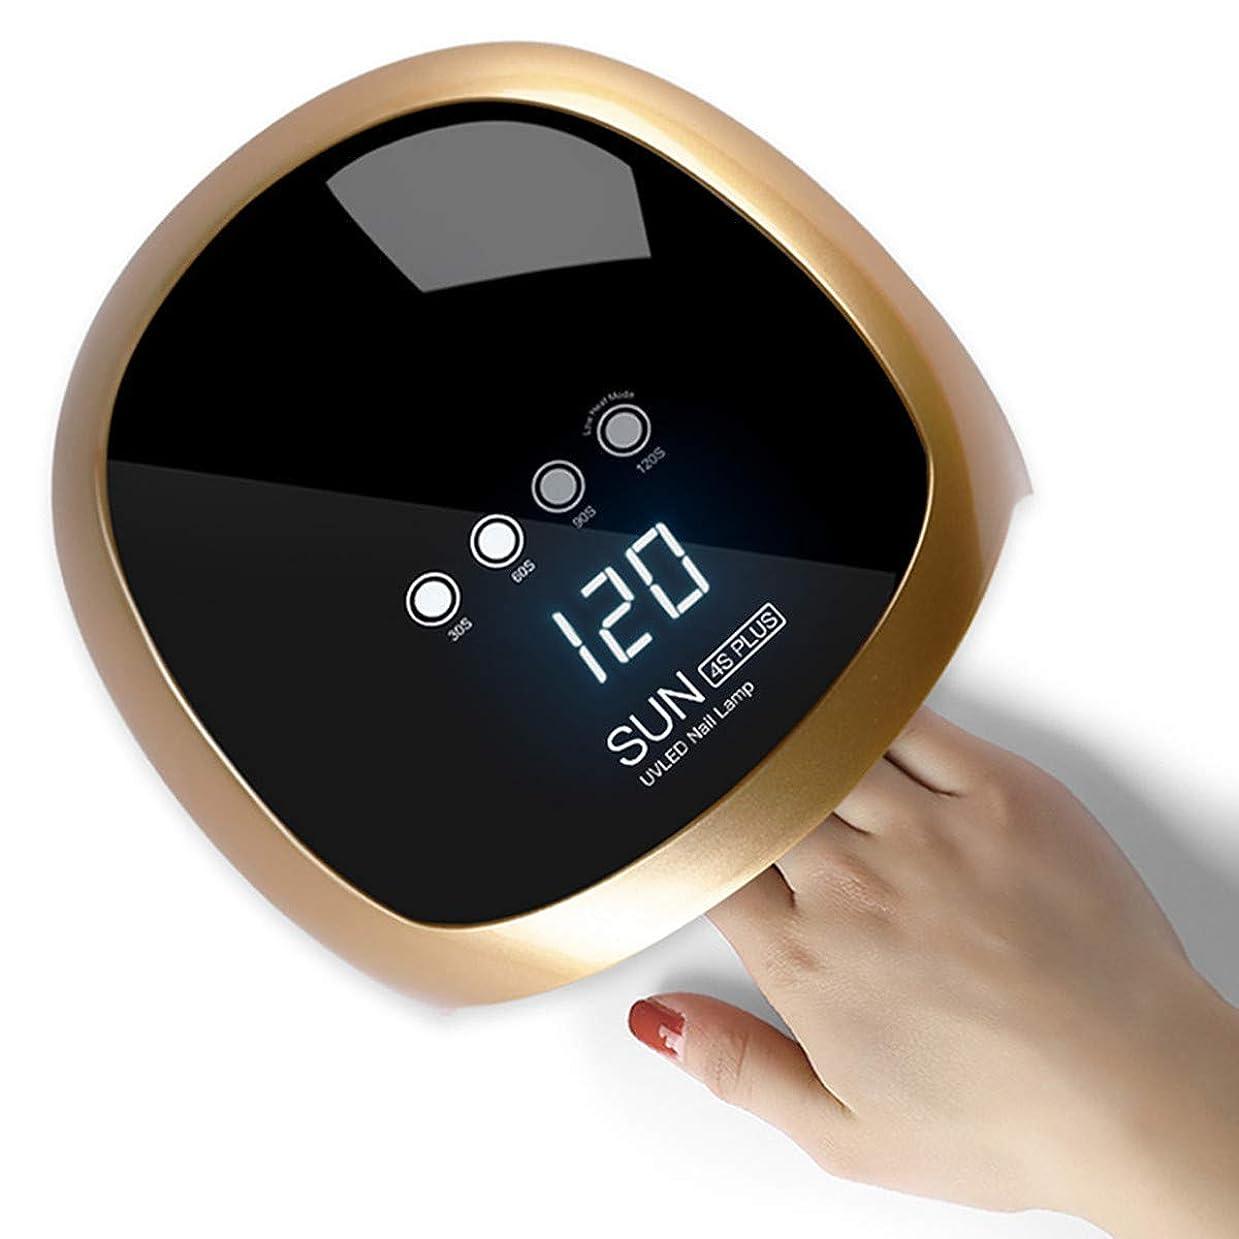 後方ペッカディロ環境保護主義者UV LEDネイルドライヤー 赤外線検知 52W高効率 赤外線美白機能付き マニキュア用 4段階タイマー設定可能 手足兼用 (ゴールド) [並行輸入品]